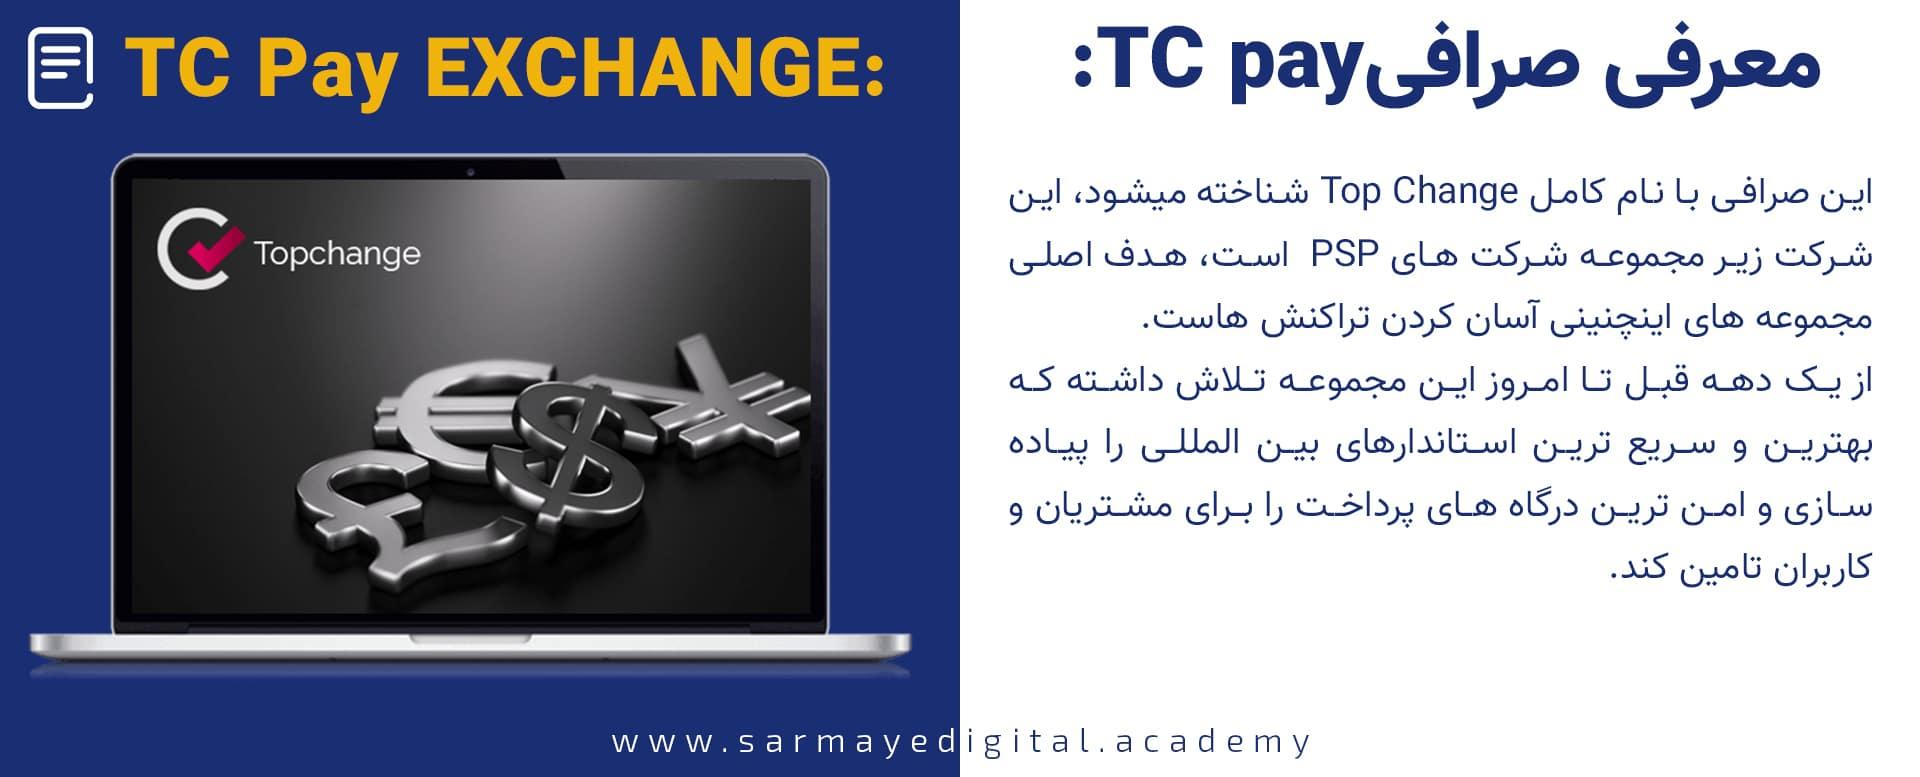 صرافی TC pay